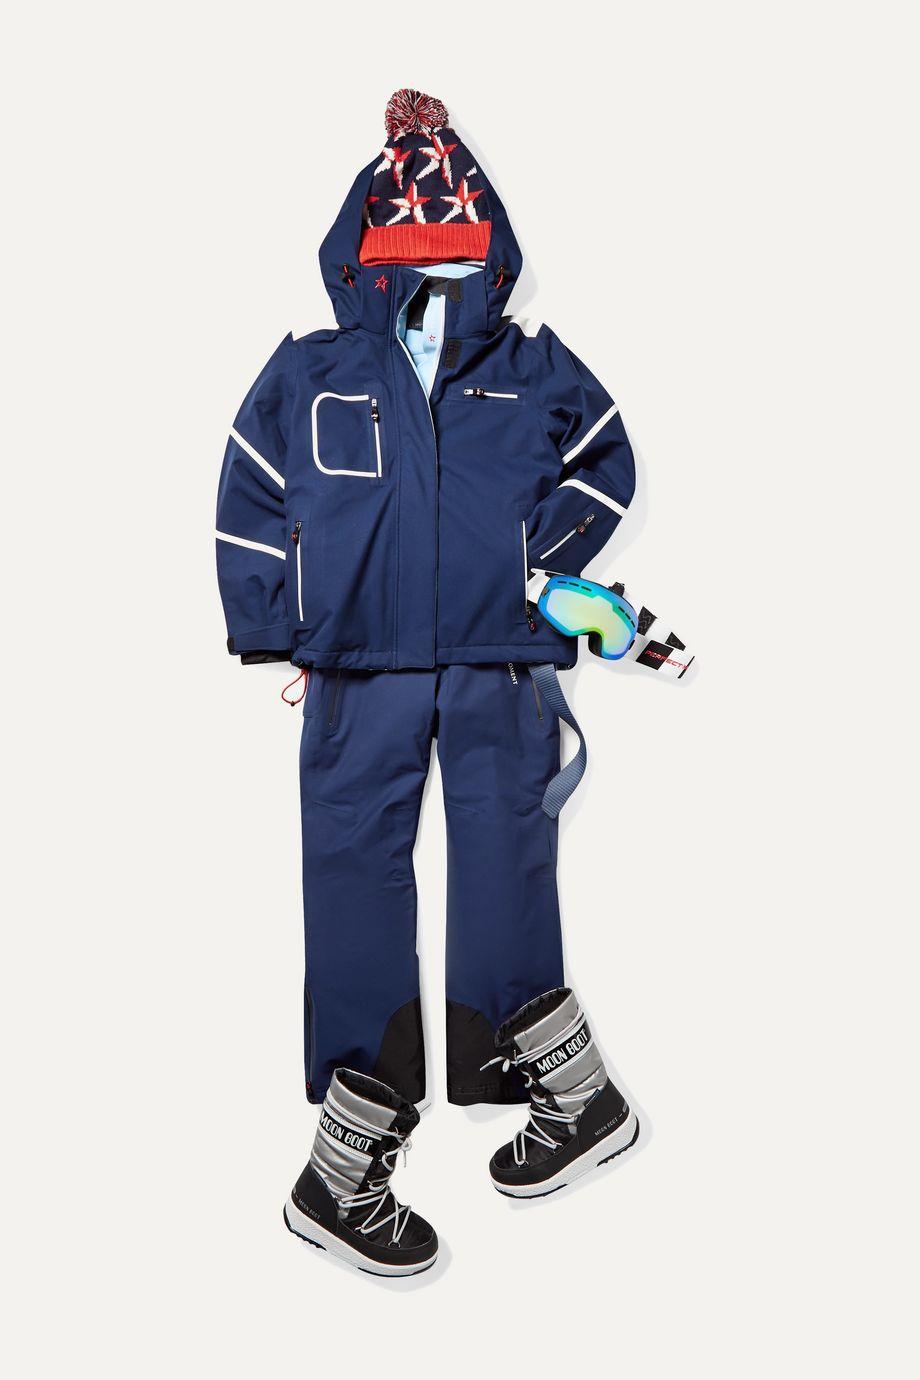 Perfect Moment Kids Ages 6 - 12 Chamonix padded ski pants